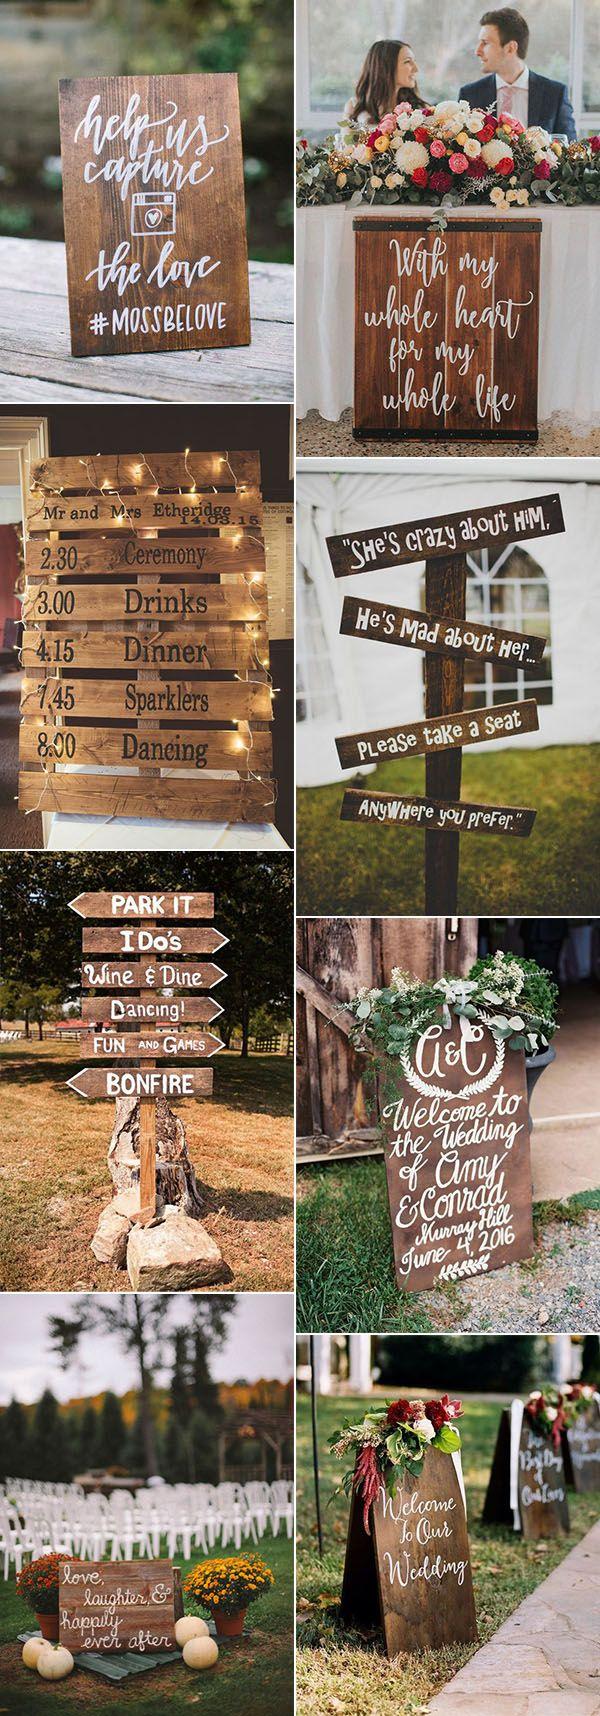 Diy vintage wedding decoration ideas  Pretty BudgetFriendly Wedding decorating Ideas EasytoDo Rustic